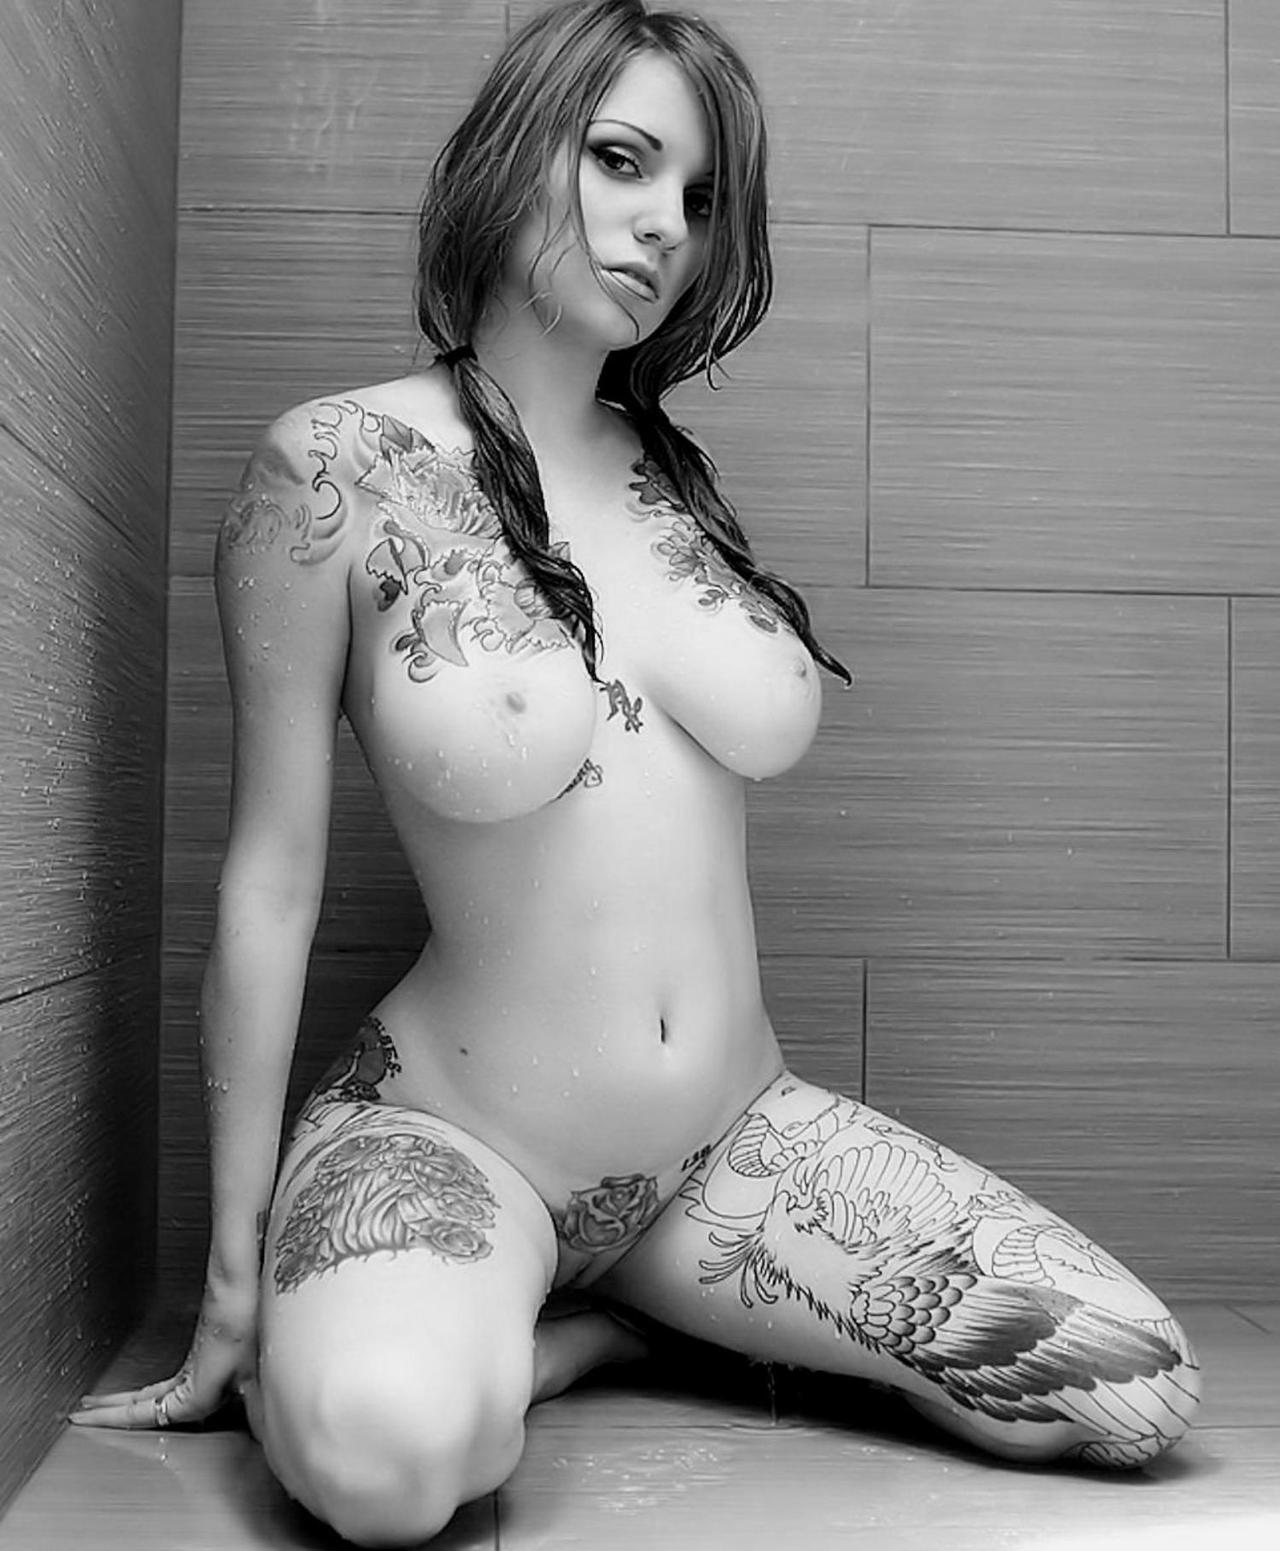 Порно актриса с тремя иероглифами на животе, игры для взрослых грудь